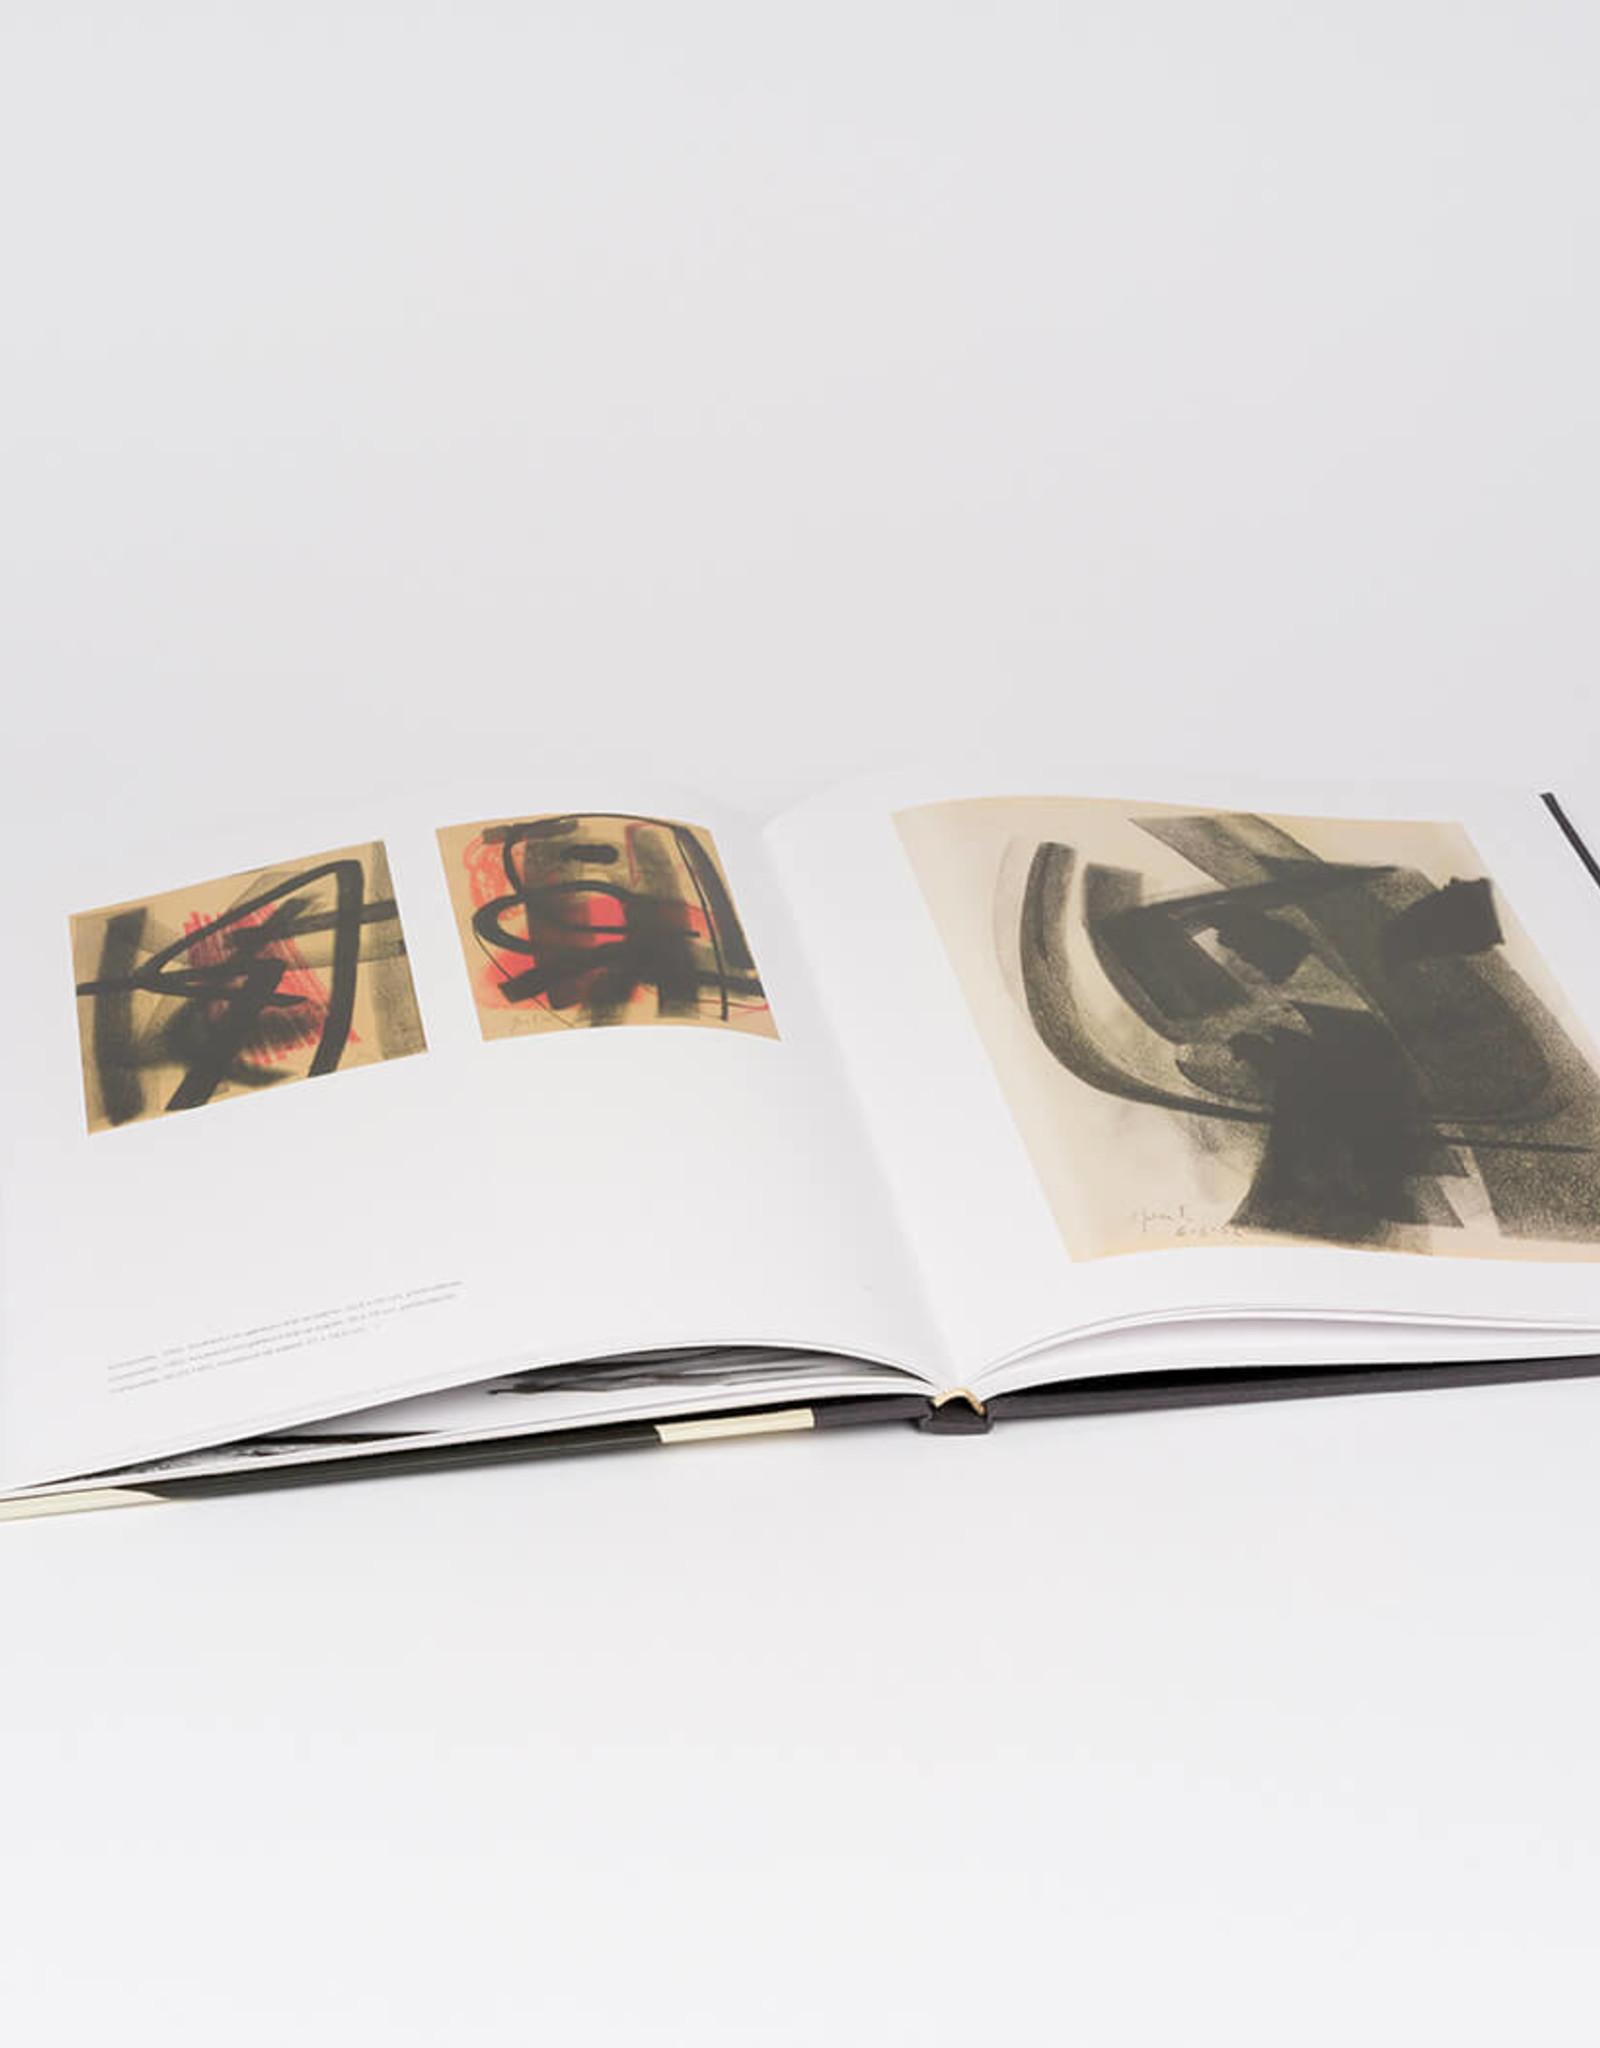 Jan Saverys en de Groep Art Abstrait (in samenwerking met Gallery Callewaert-Vanlangendonck)